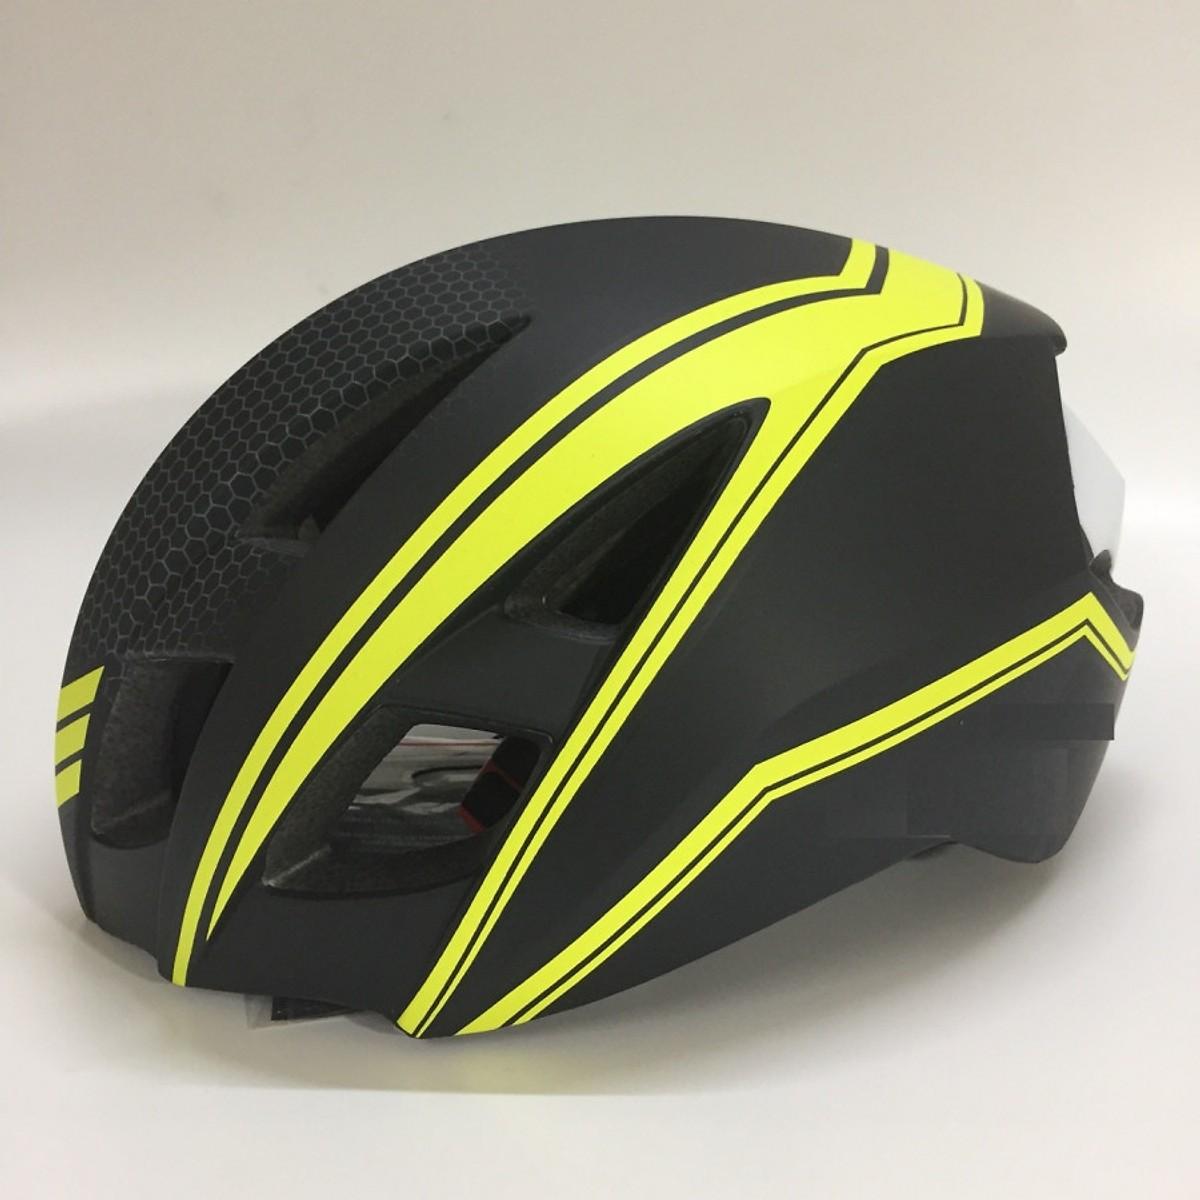 Nón bảo hiểm xe đạp người lớn , Thương hiệu : OEM- JC12-1